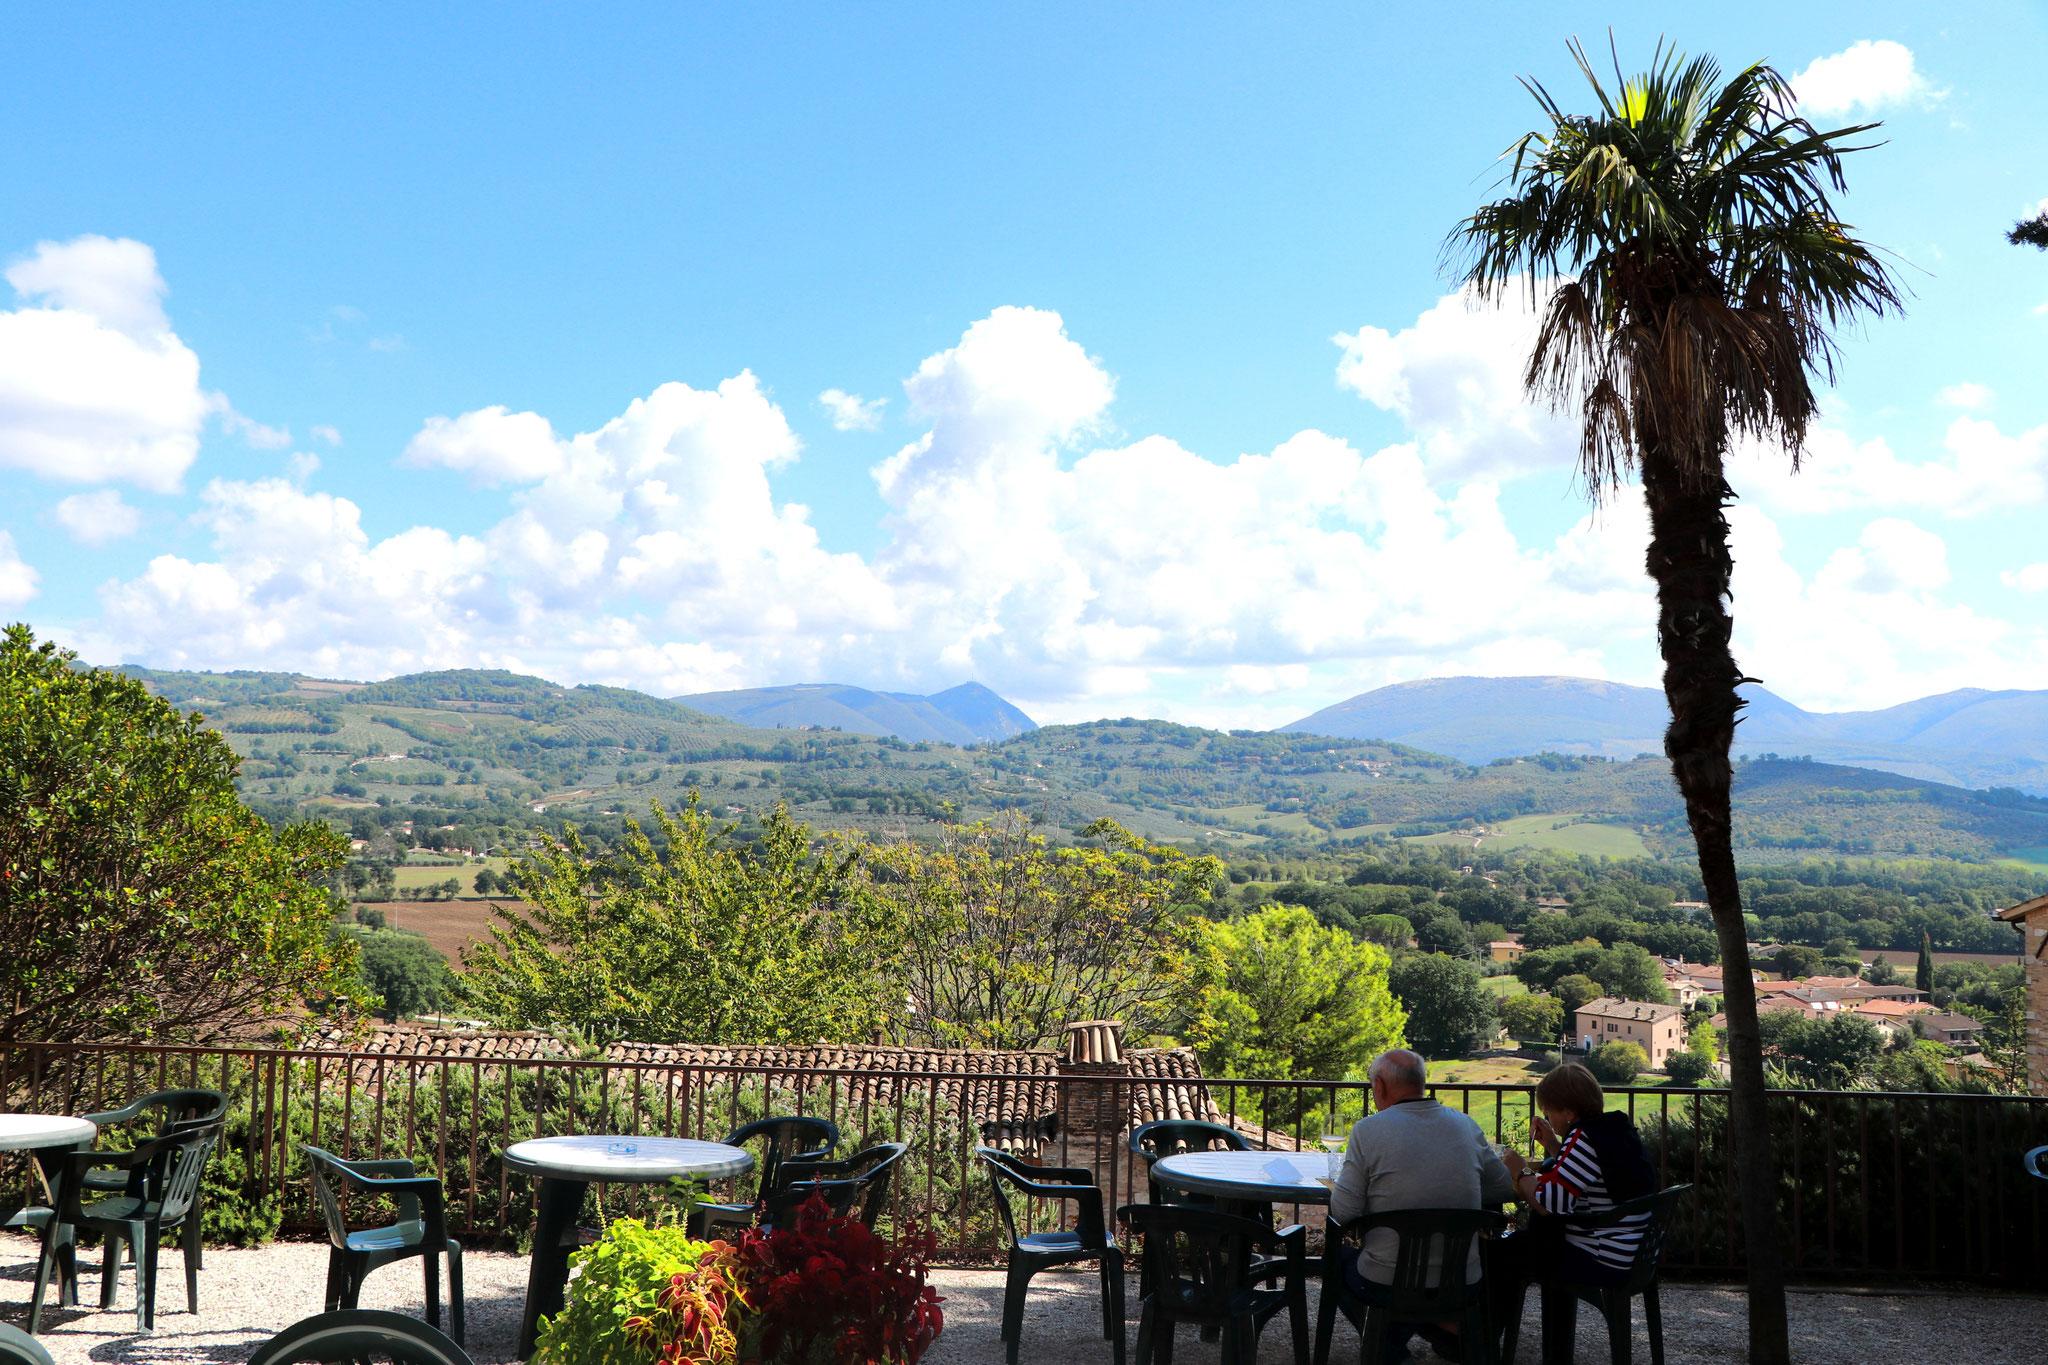 Blick von einem Restaurant aus in Spello.